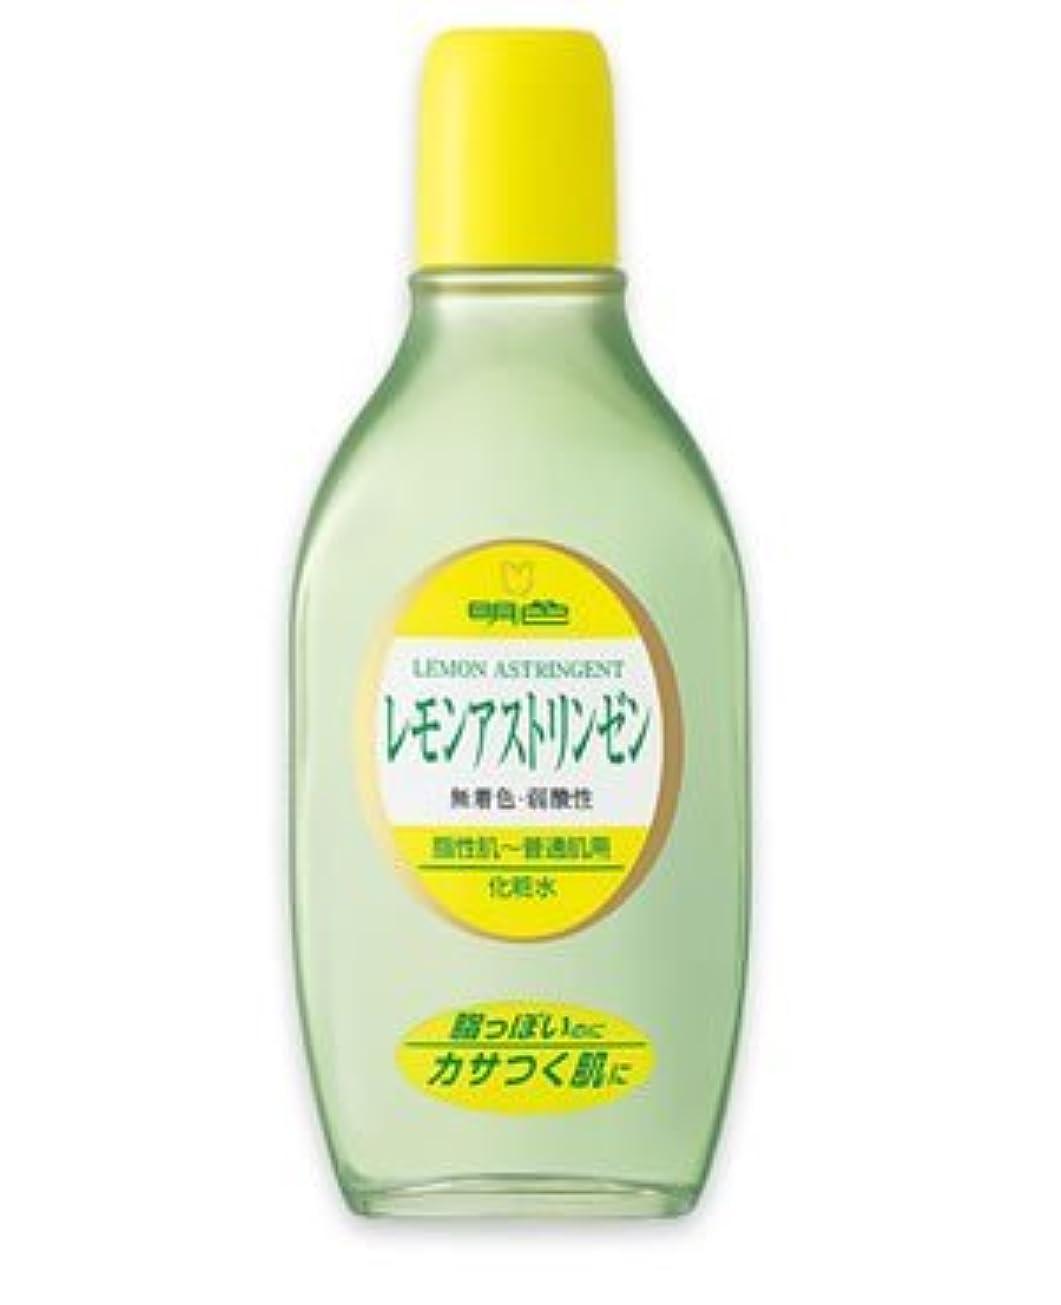 衣装光電バケット(明色)レモンアストリンゼン 170ml(お買い得3本セット)